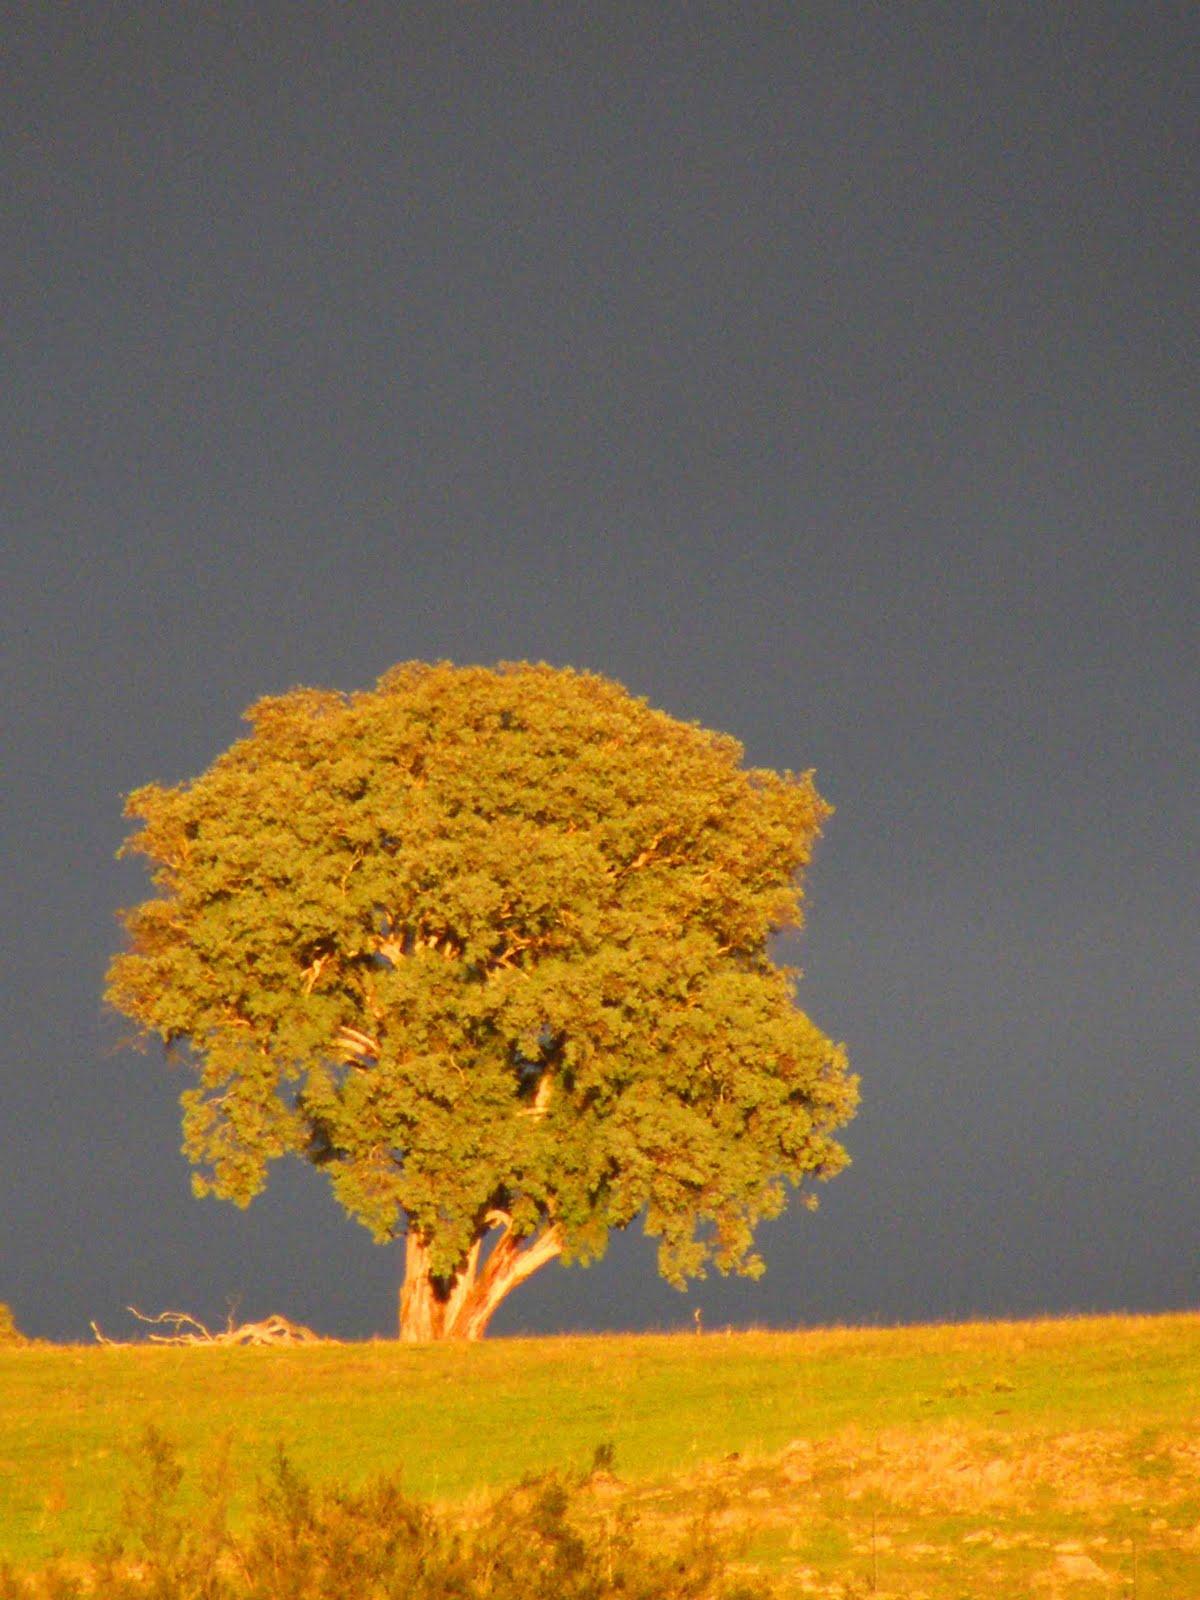 Tajanstvenim stazama duse... - Page 3 Stormy+sunrise+1